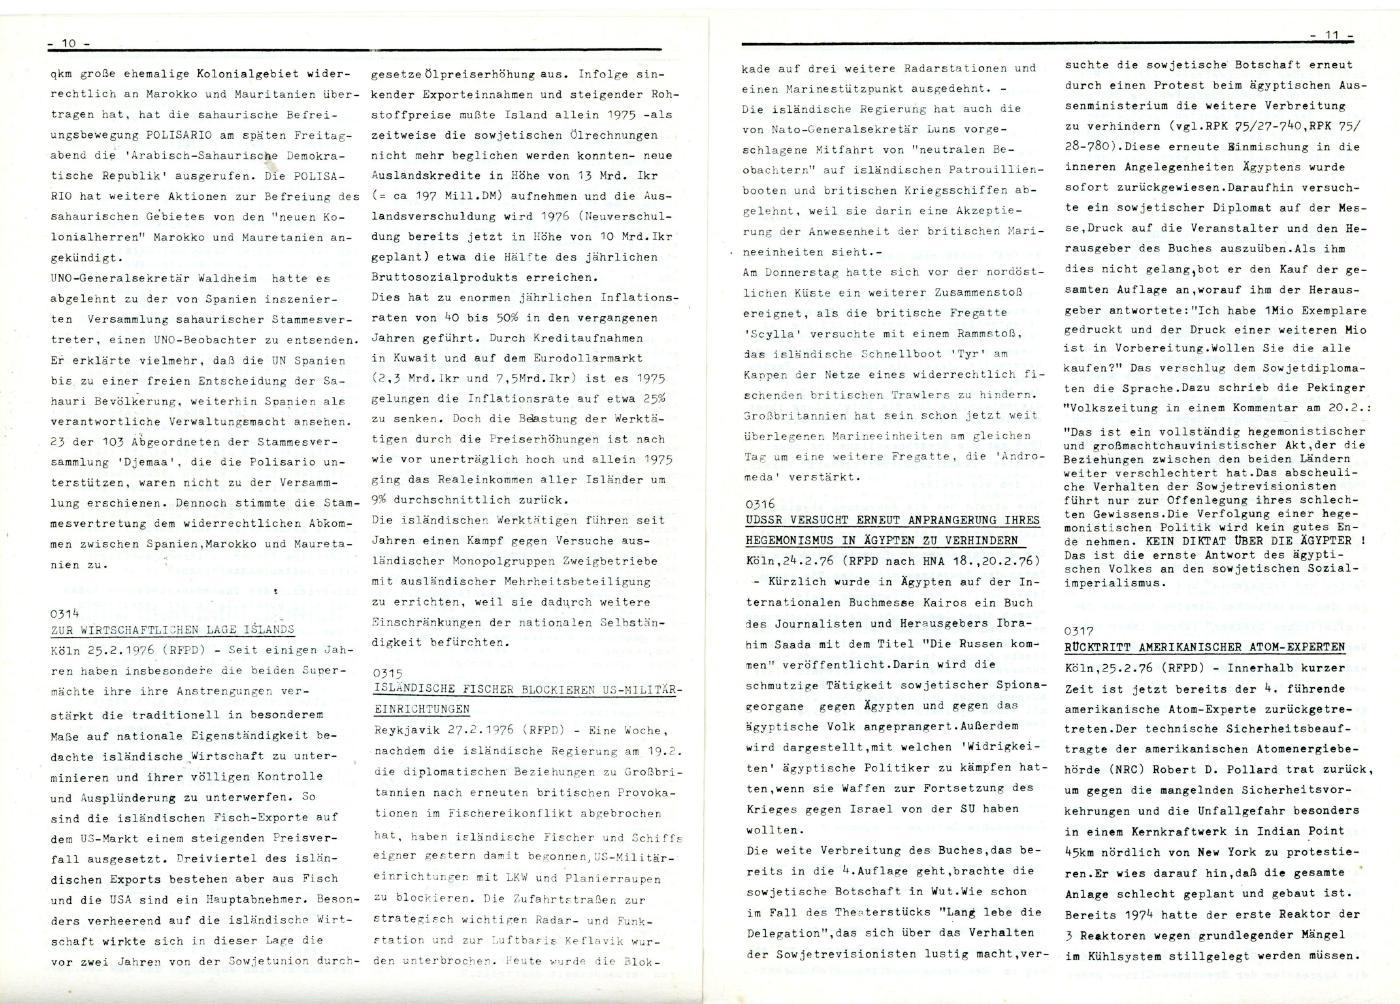 Rote_Fahne_Pressedienst_1976_09_06